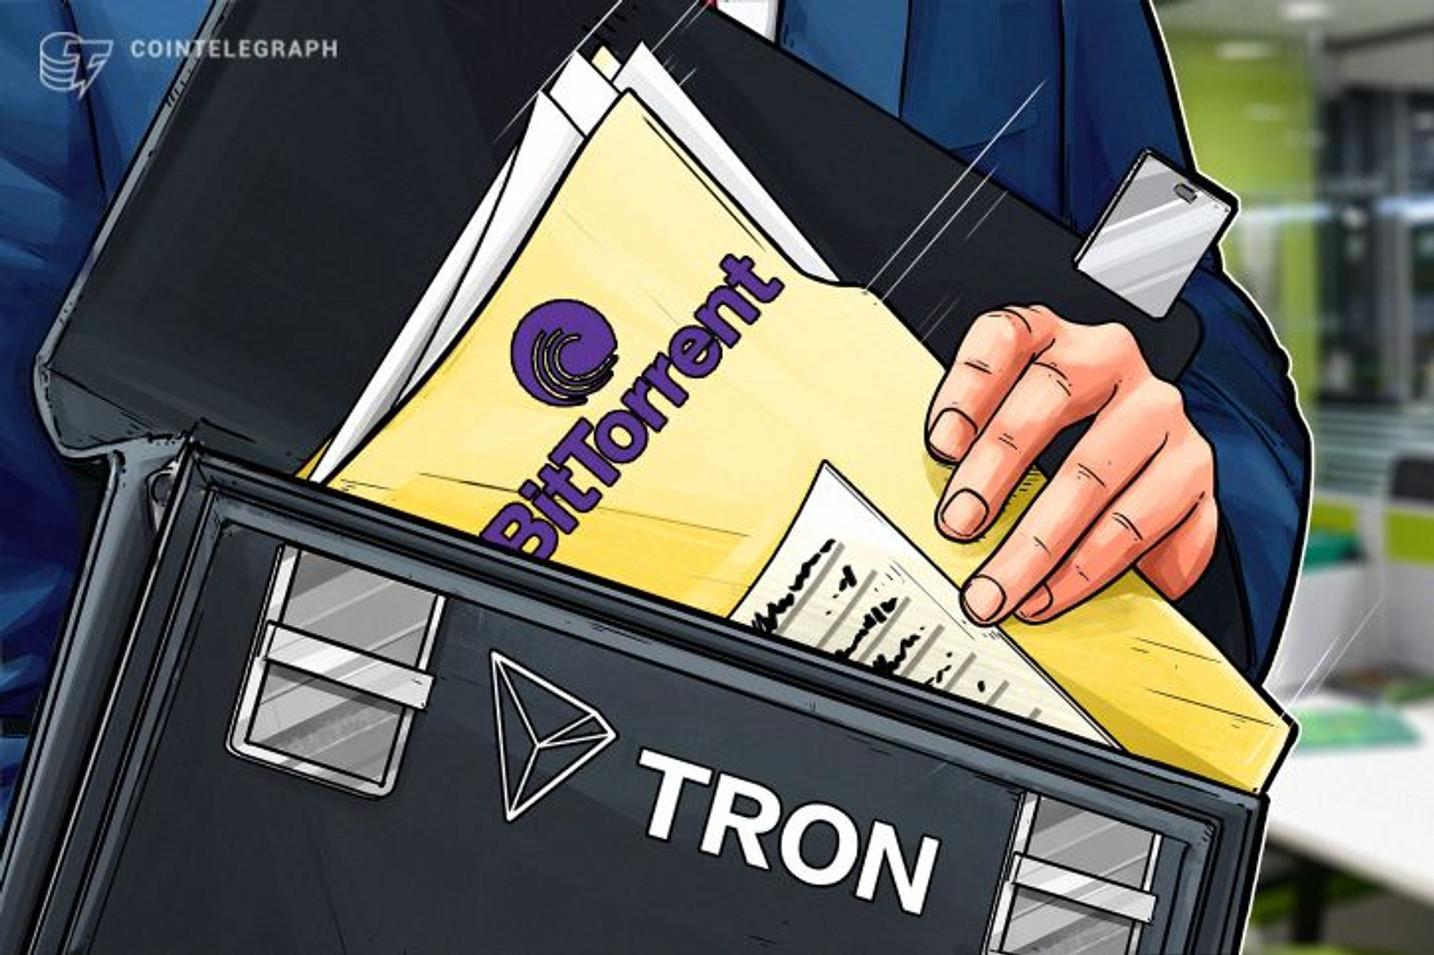 Il fondatore della piattaforma TRON ha acquistato BitTorrent, rivelano alcune fonti anonime